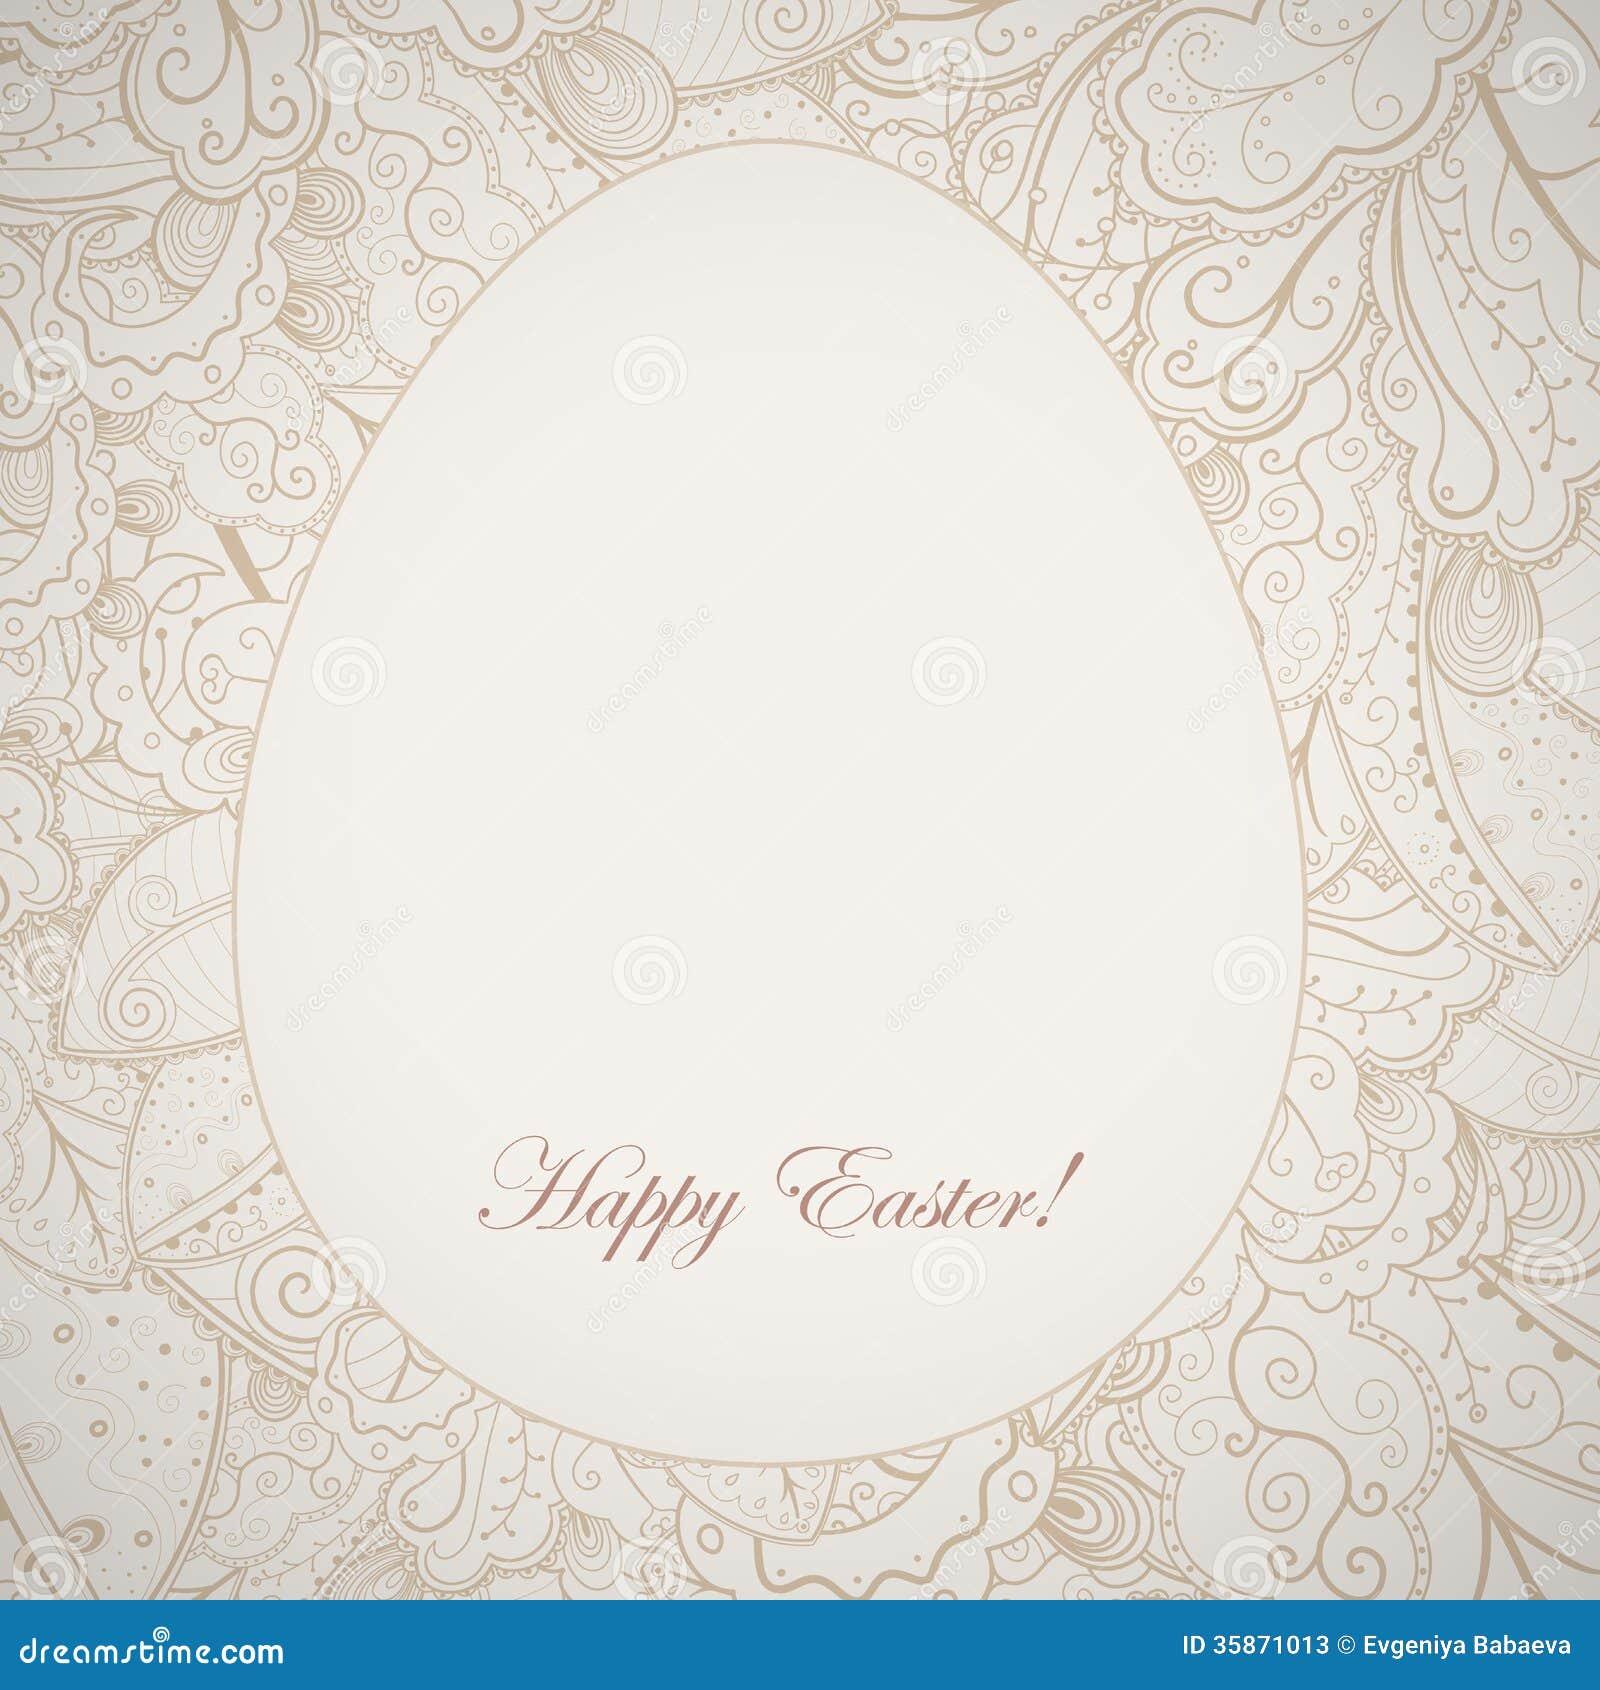 Kopieren Sie Eleganten Ostern-Rahmen Mit Ei Und Kaninchen. Vektor ...